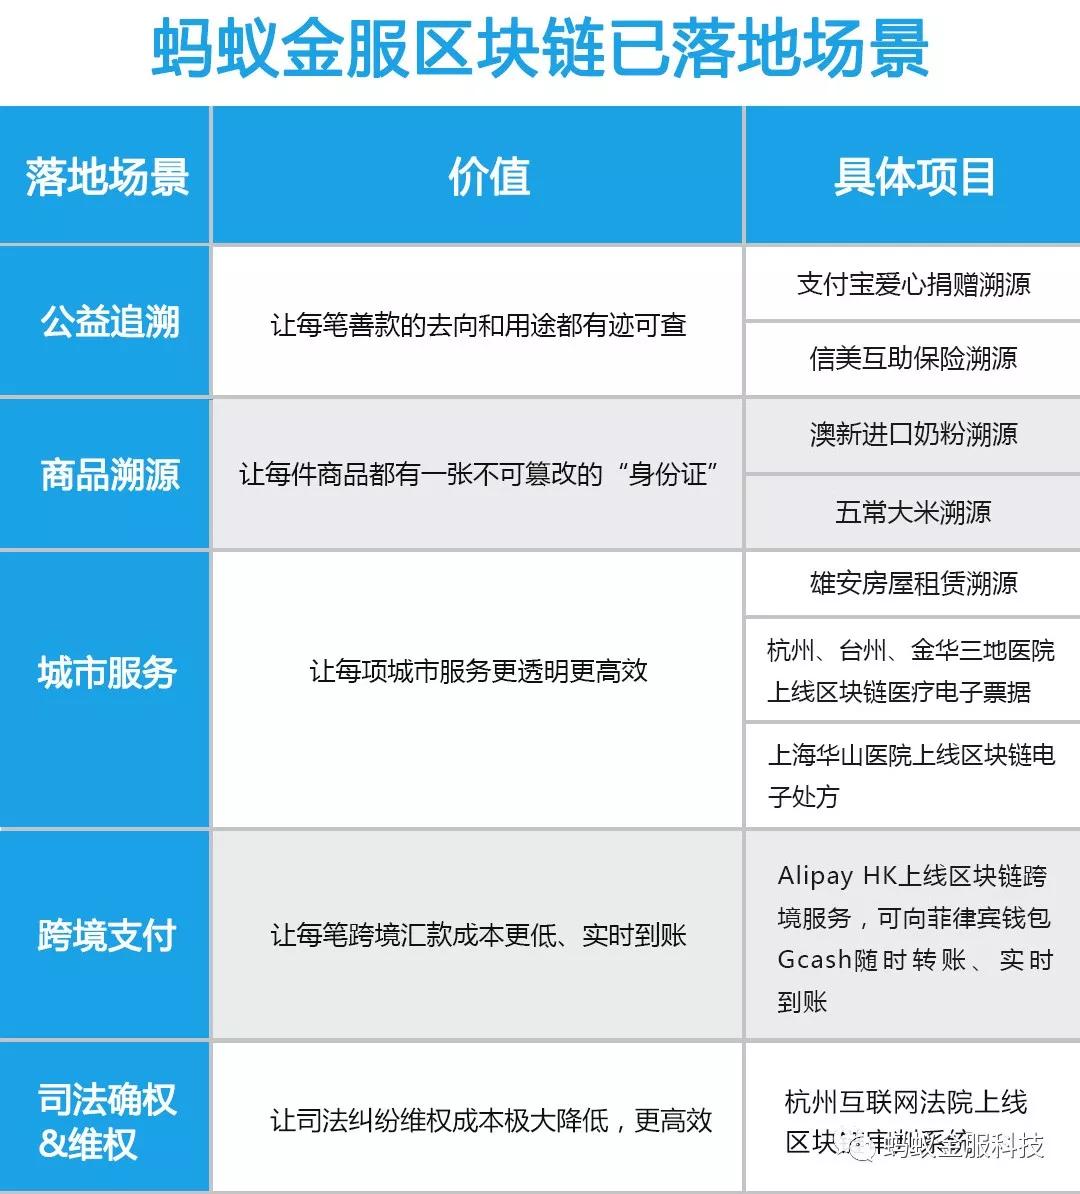 蚂蚁金服蒋国飞:区块链商用时代正在加速到来